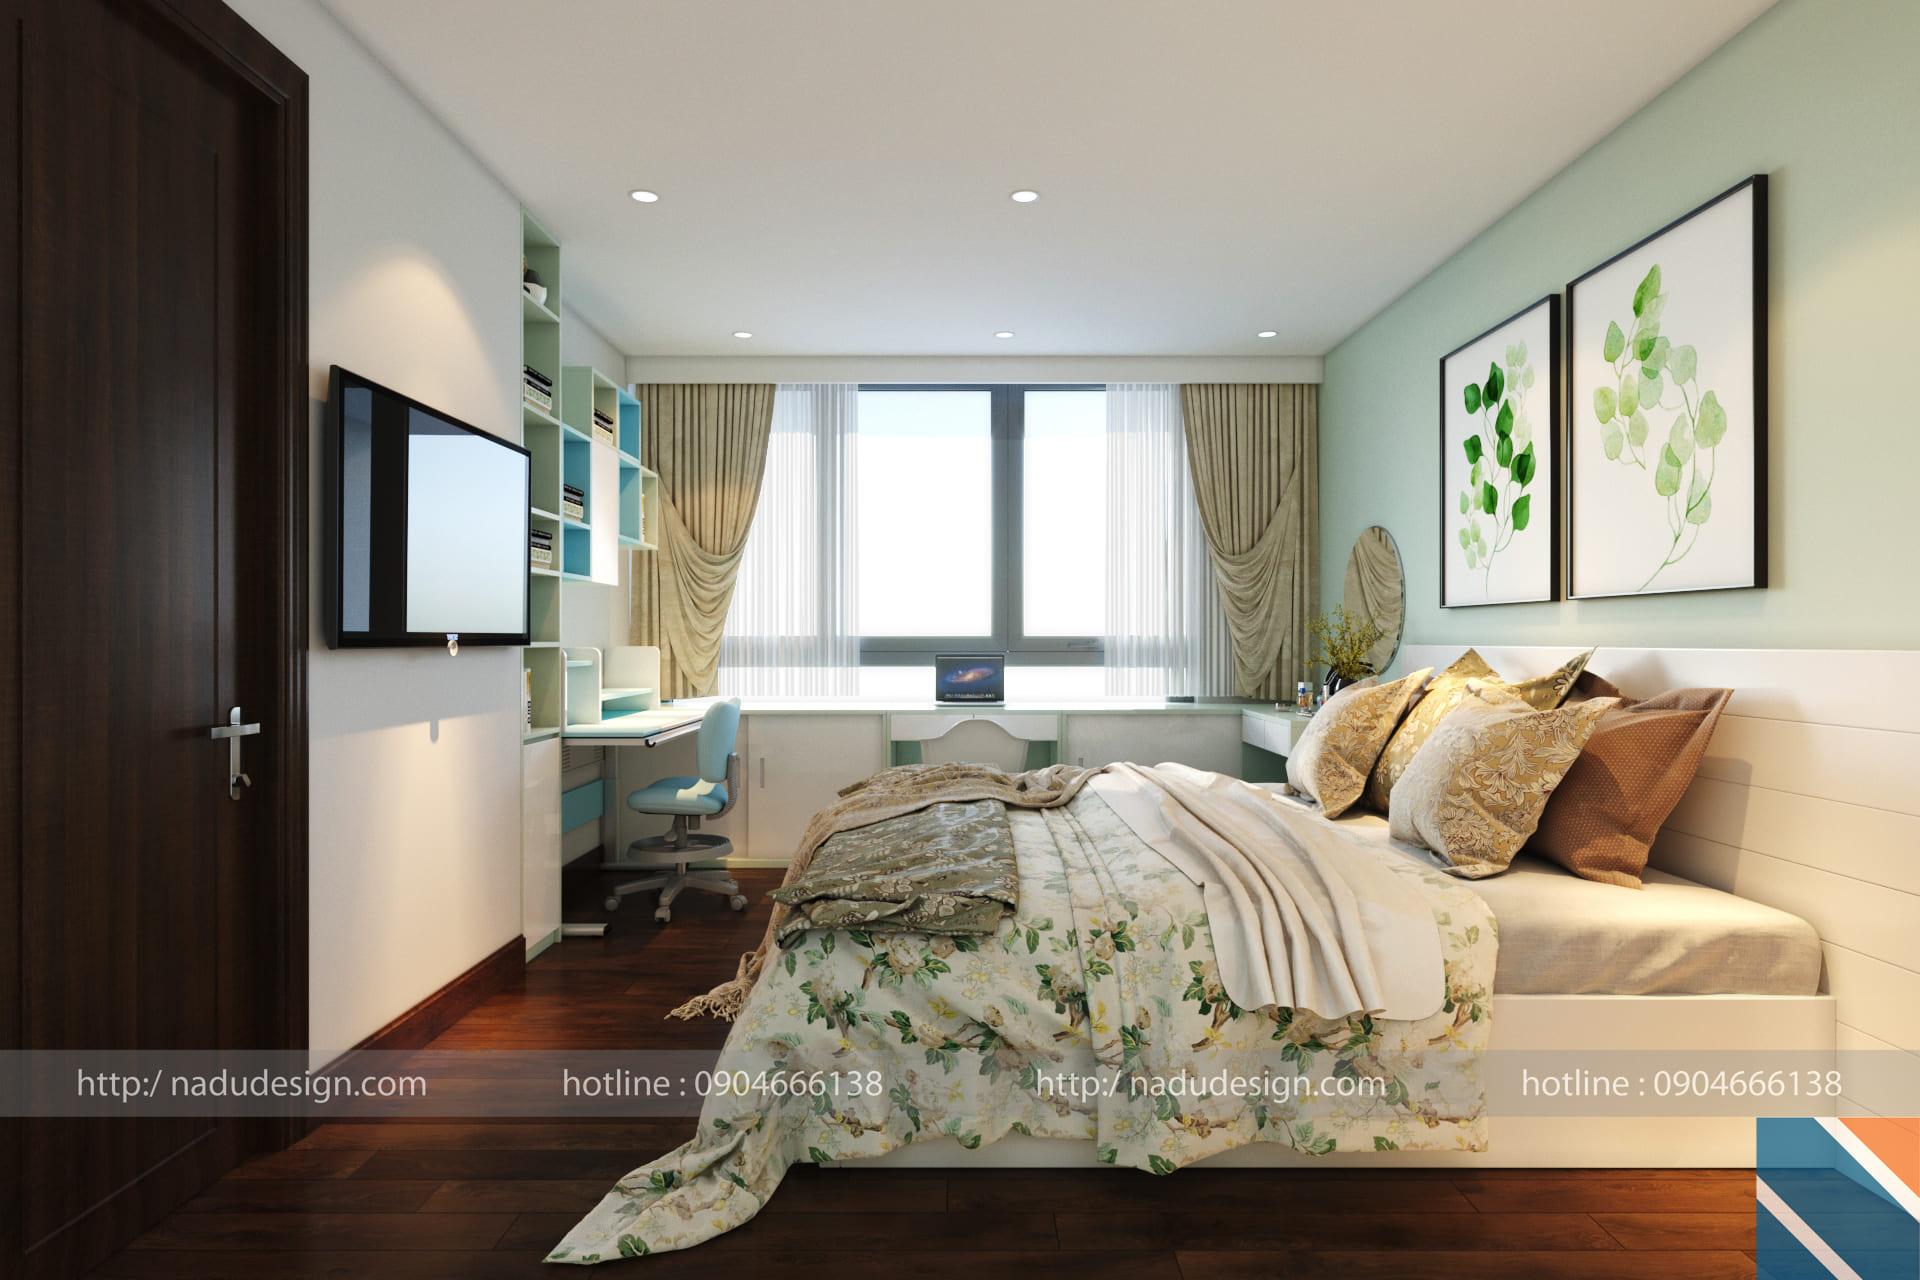 Mẫu thiết kế nội thất phòng ngủ nhỏ 10m2 đẹp hiện đại